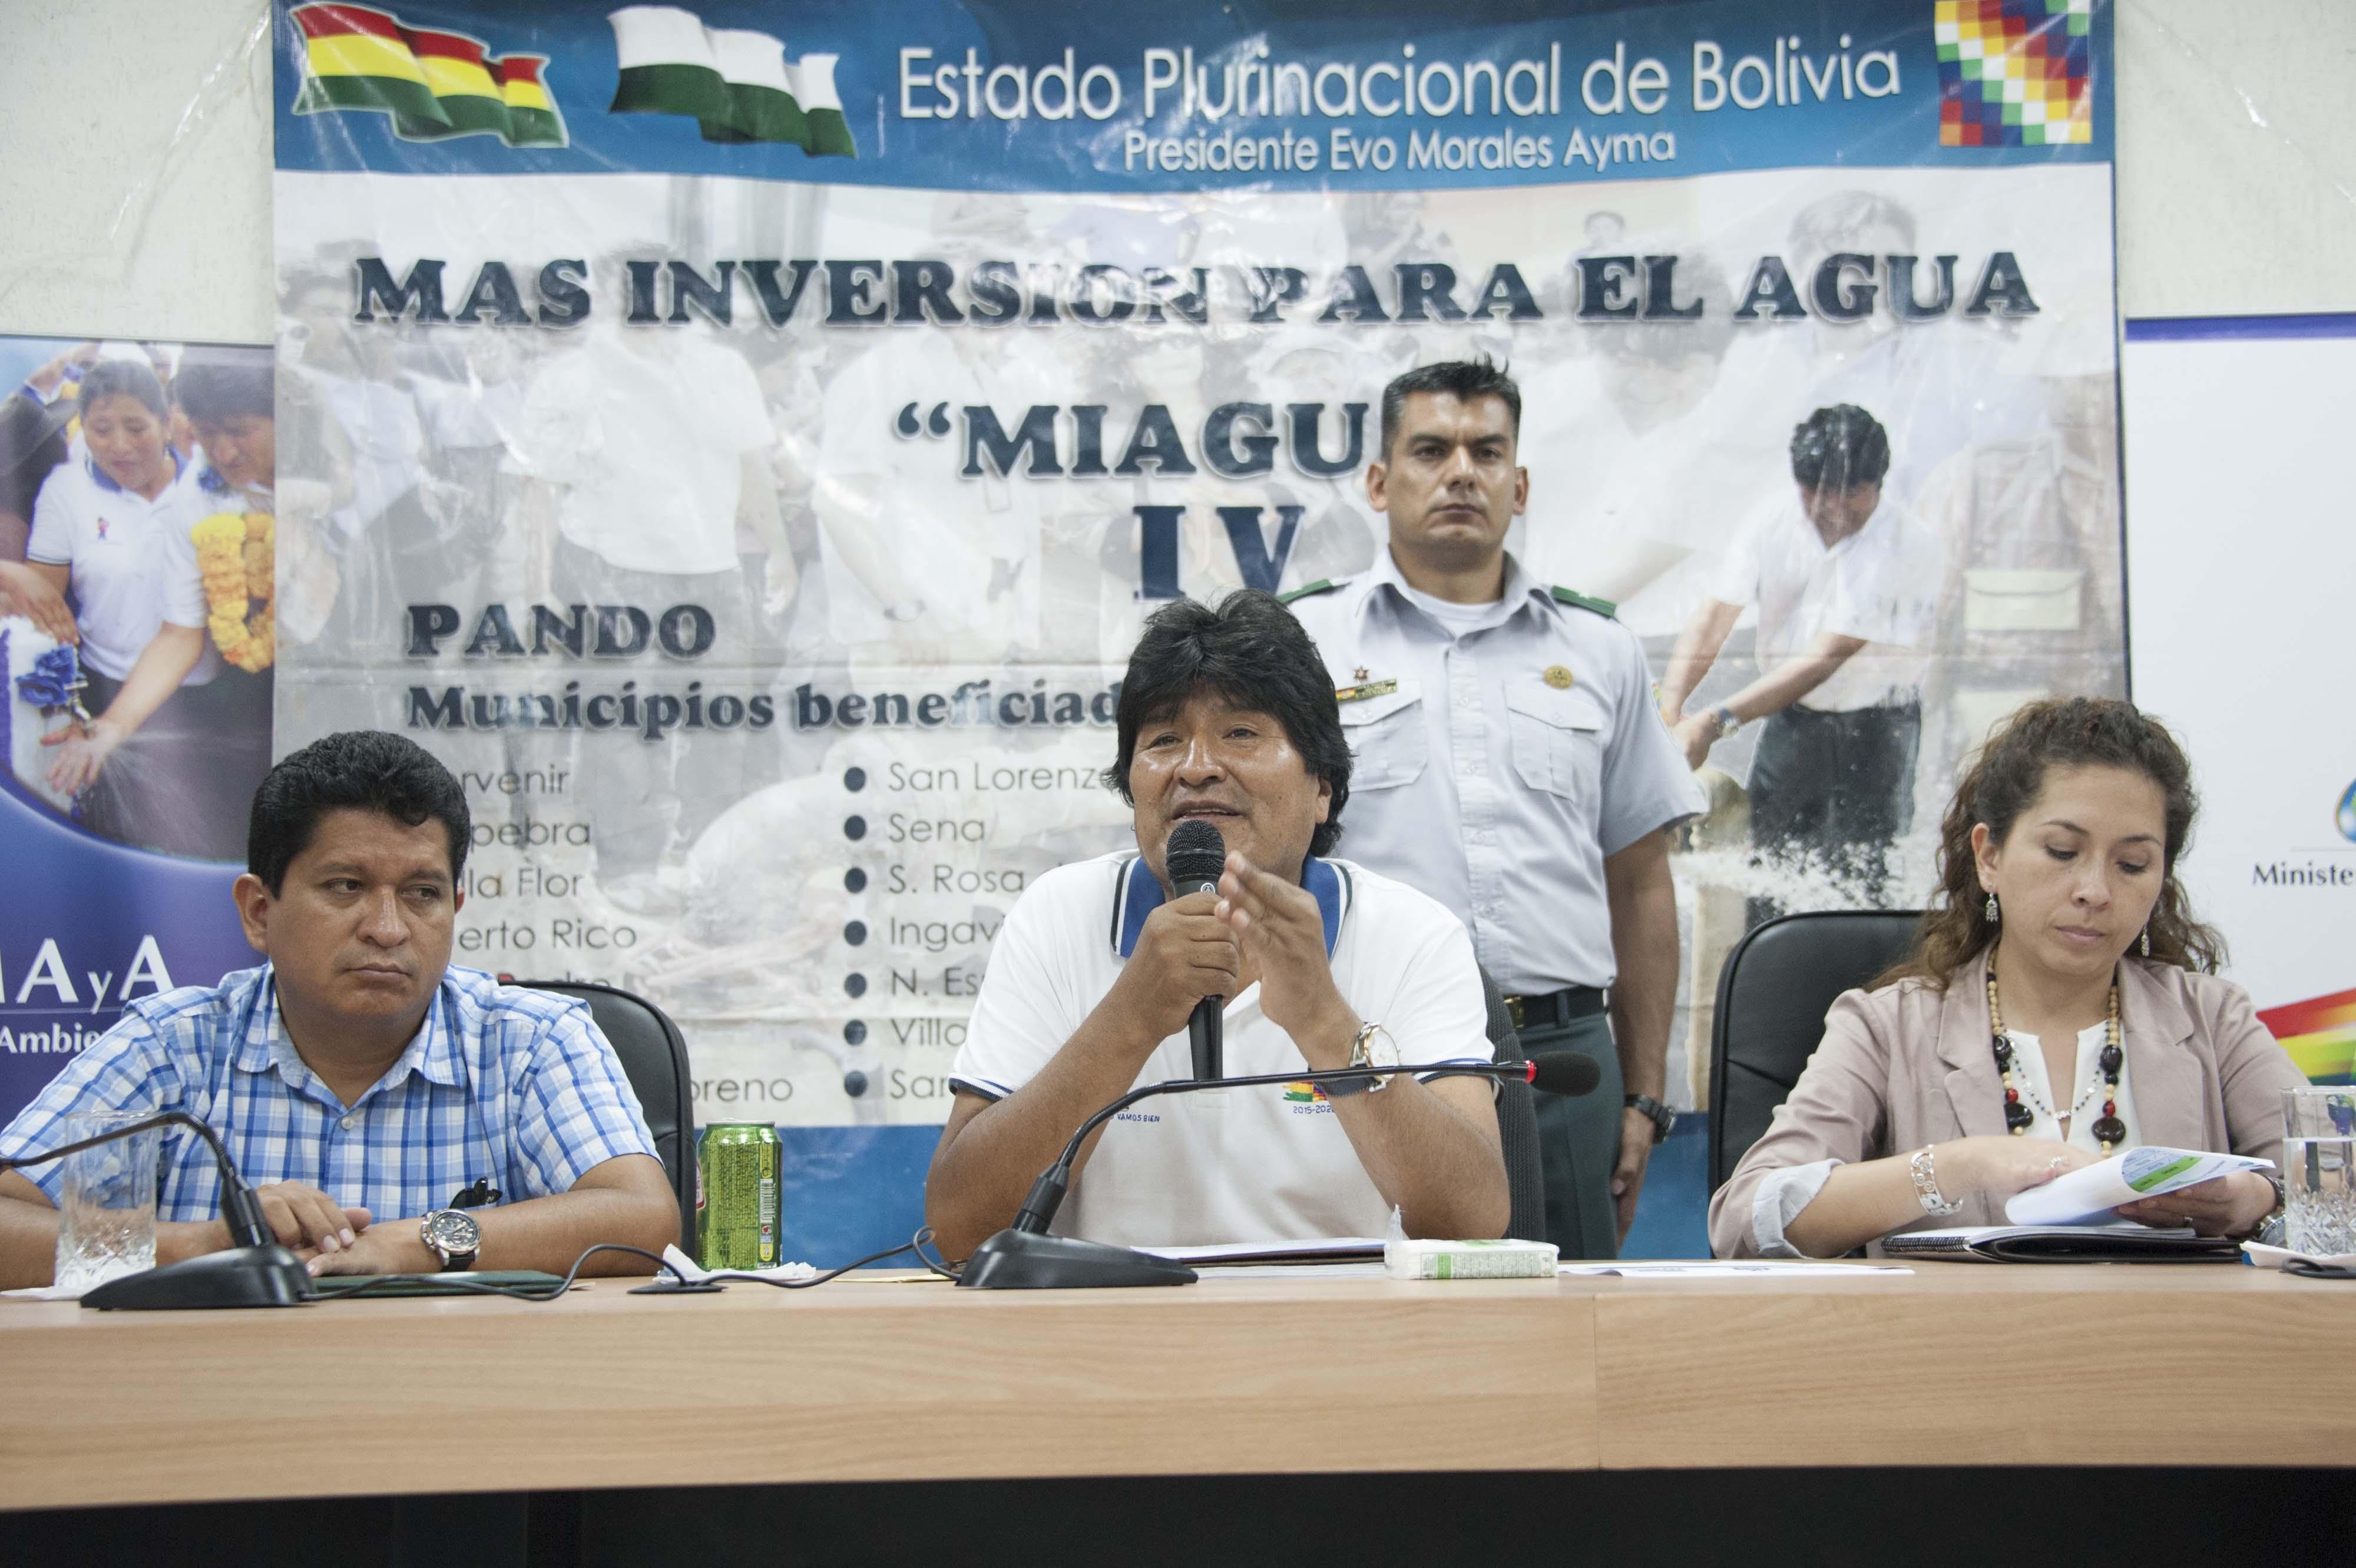 El presidente Morales